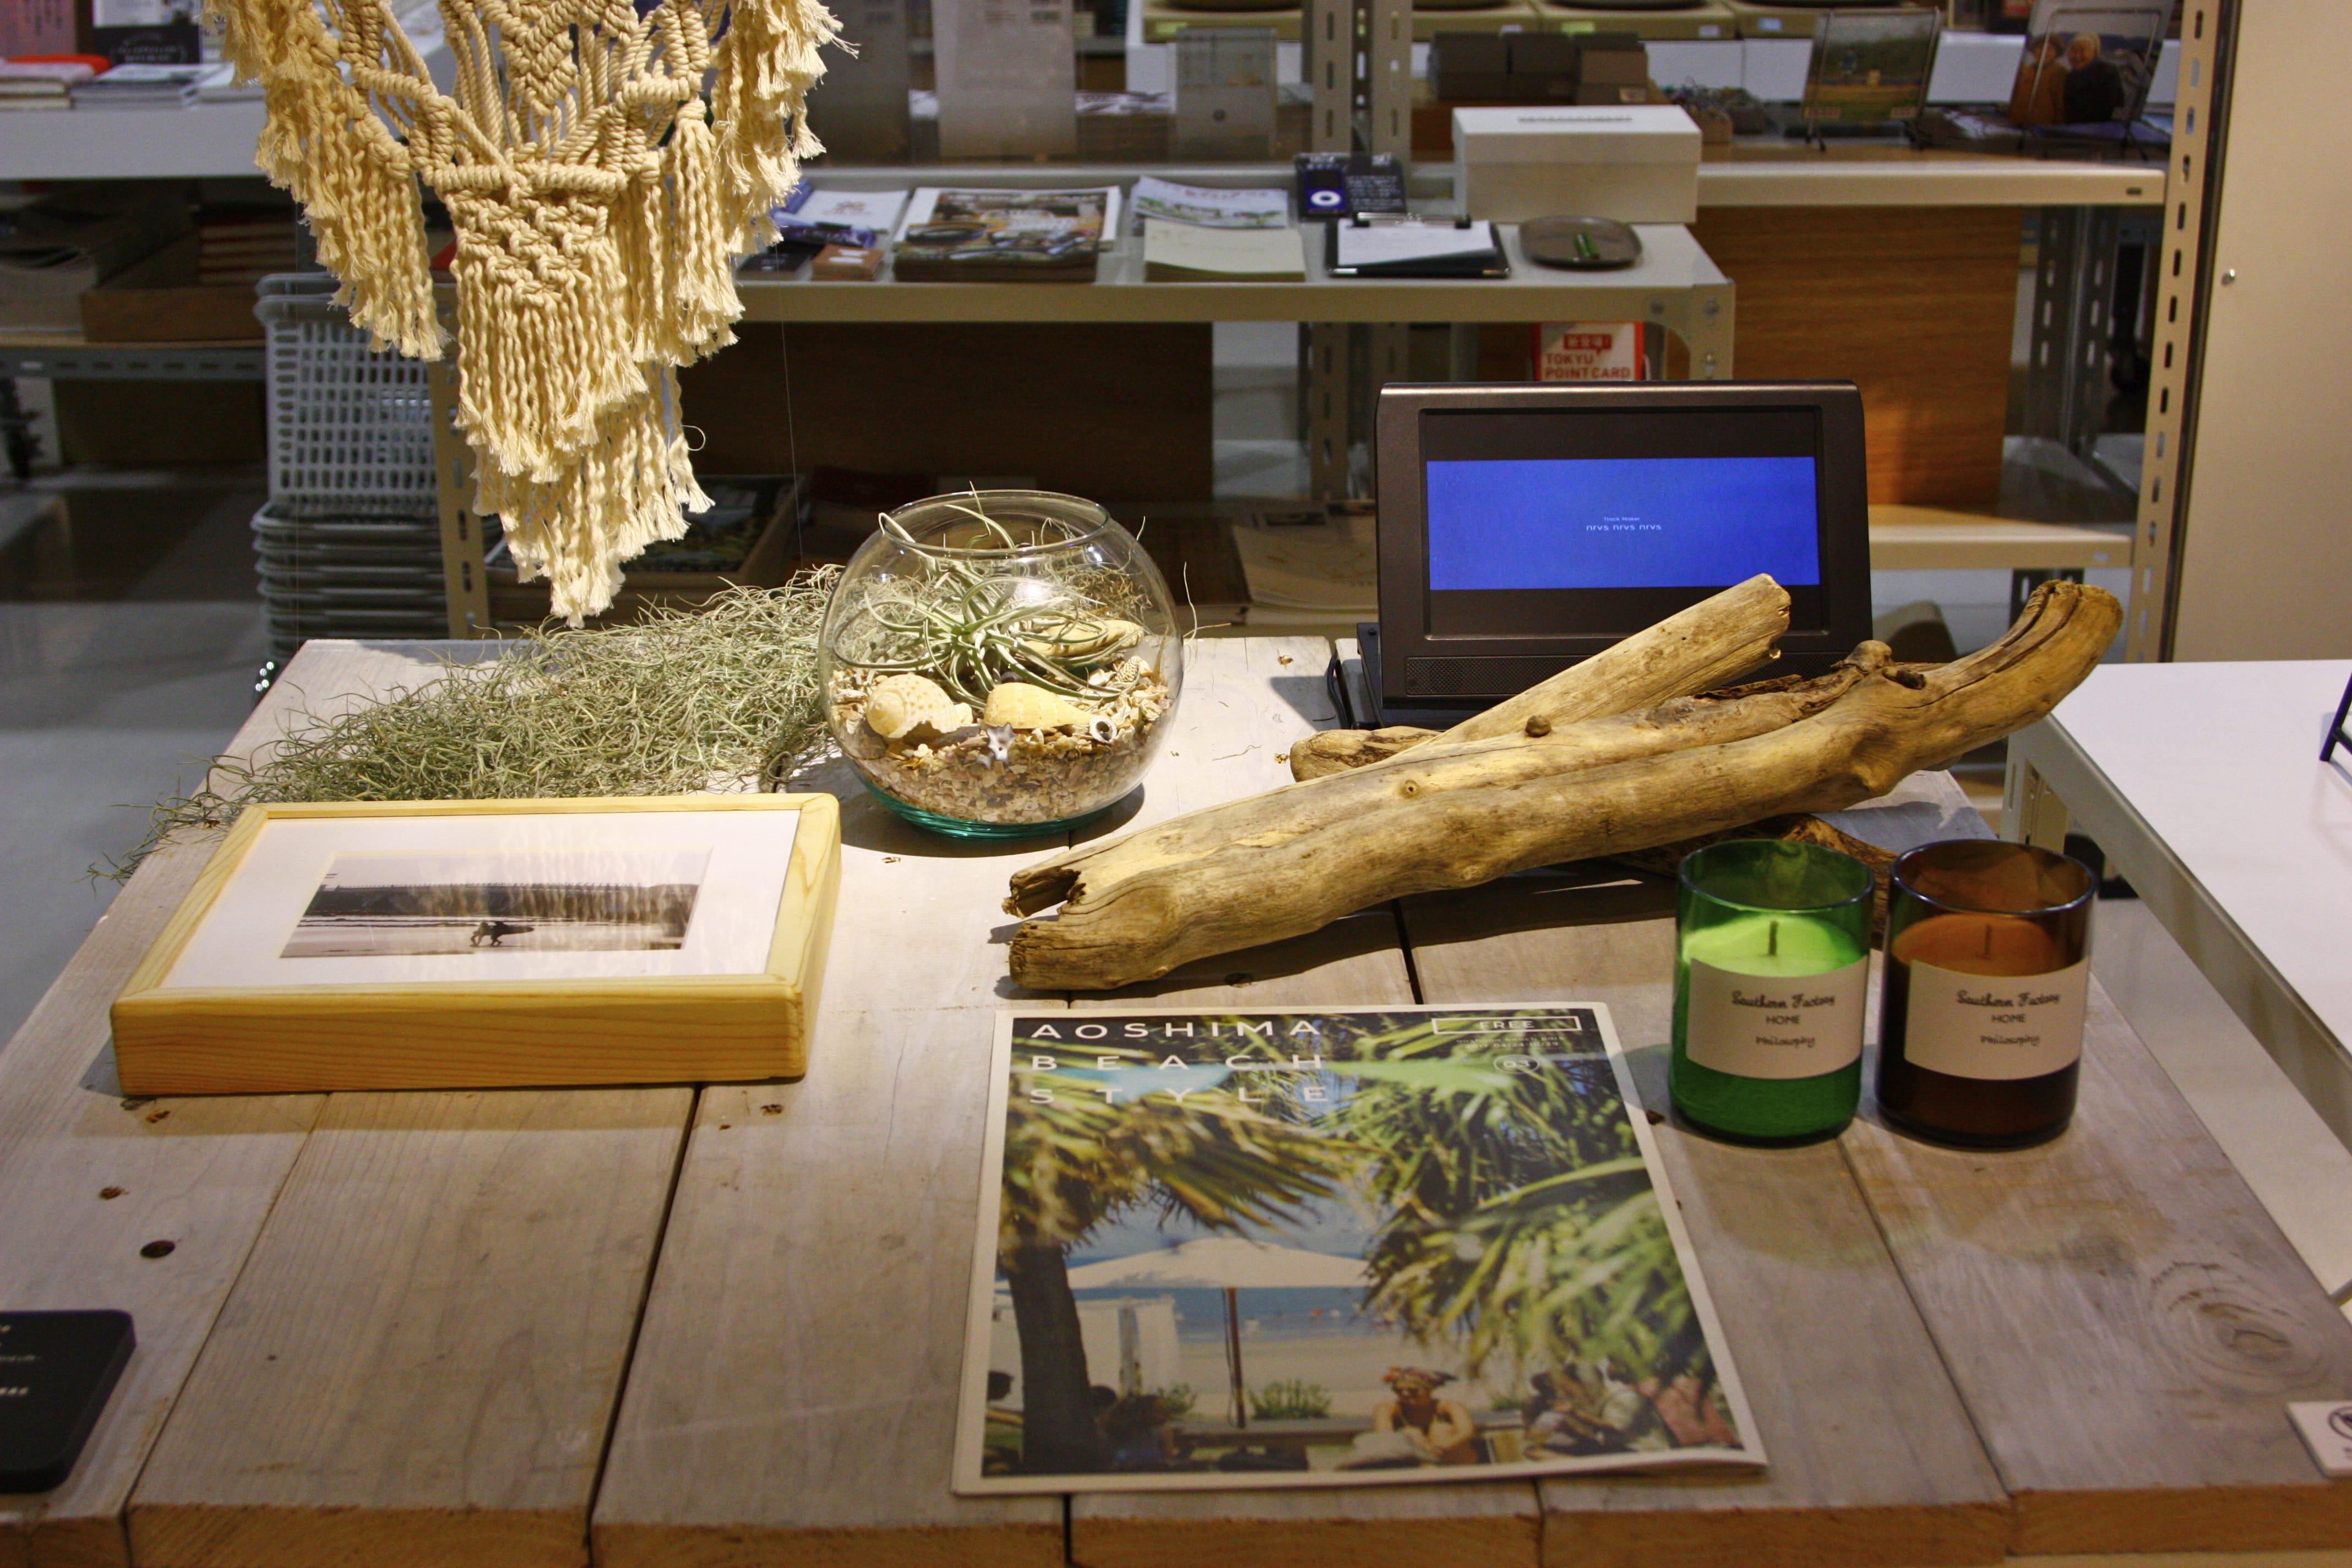 宮崎県の「渚の交番青島プロジェクト実行委員会」の事例。宮崎県青島の行政が管理している土地を利用し、海洋コンテナを使った飲食店などの、新しいコミュニティの拠点を作り、魅力的な施設に生まれ変わった。